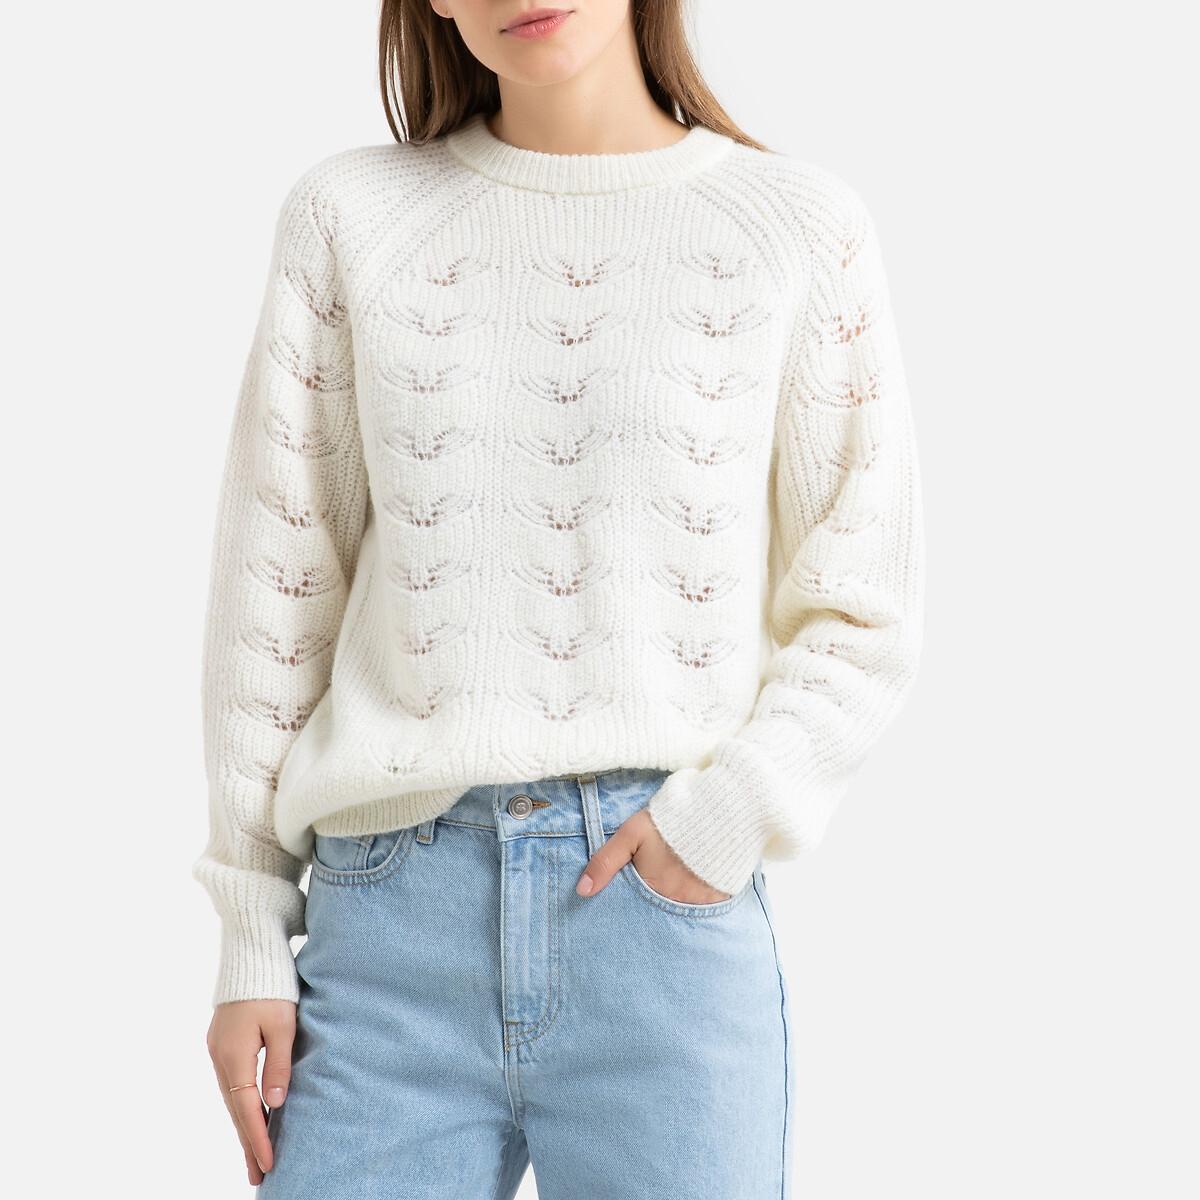 Пуловер La Redoute С круглым вырезом из плотного трикотажа M белый пуловер la redoute с круглым вырезом из плотного трикотажа 3xl бежевый